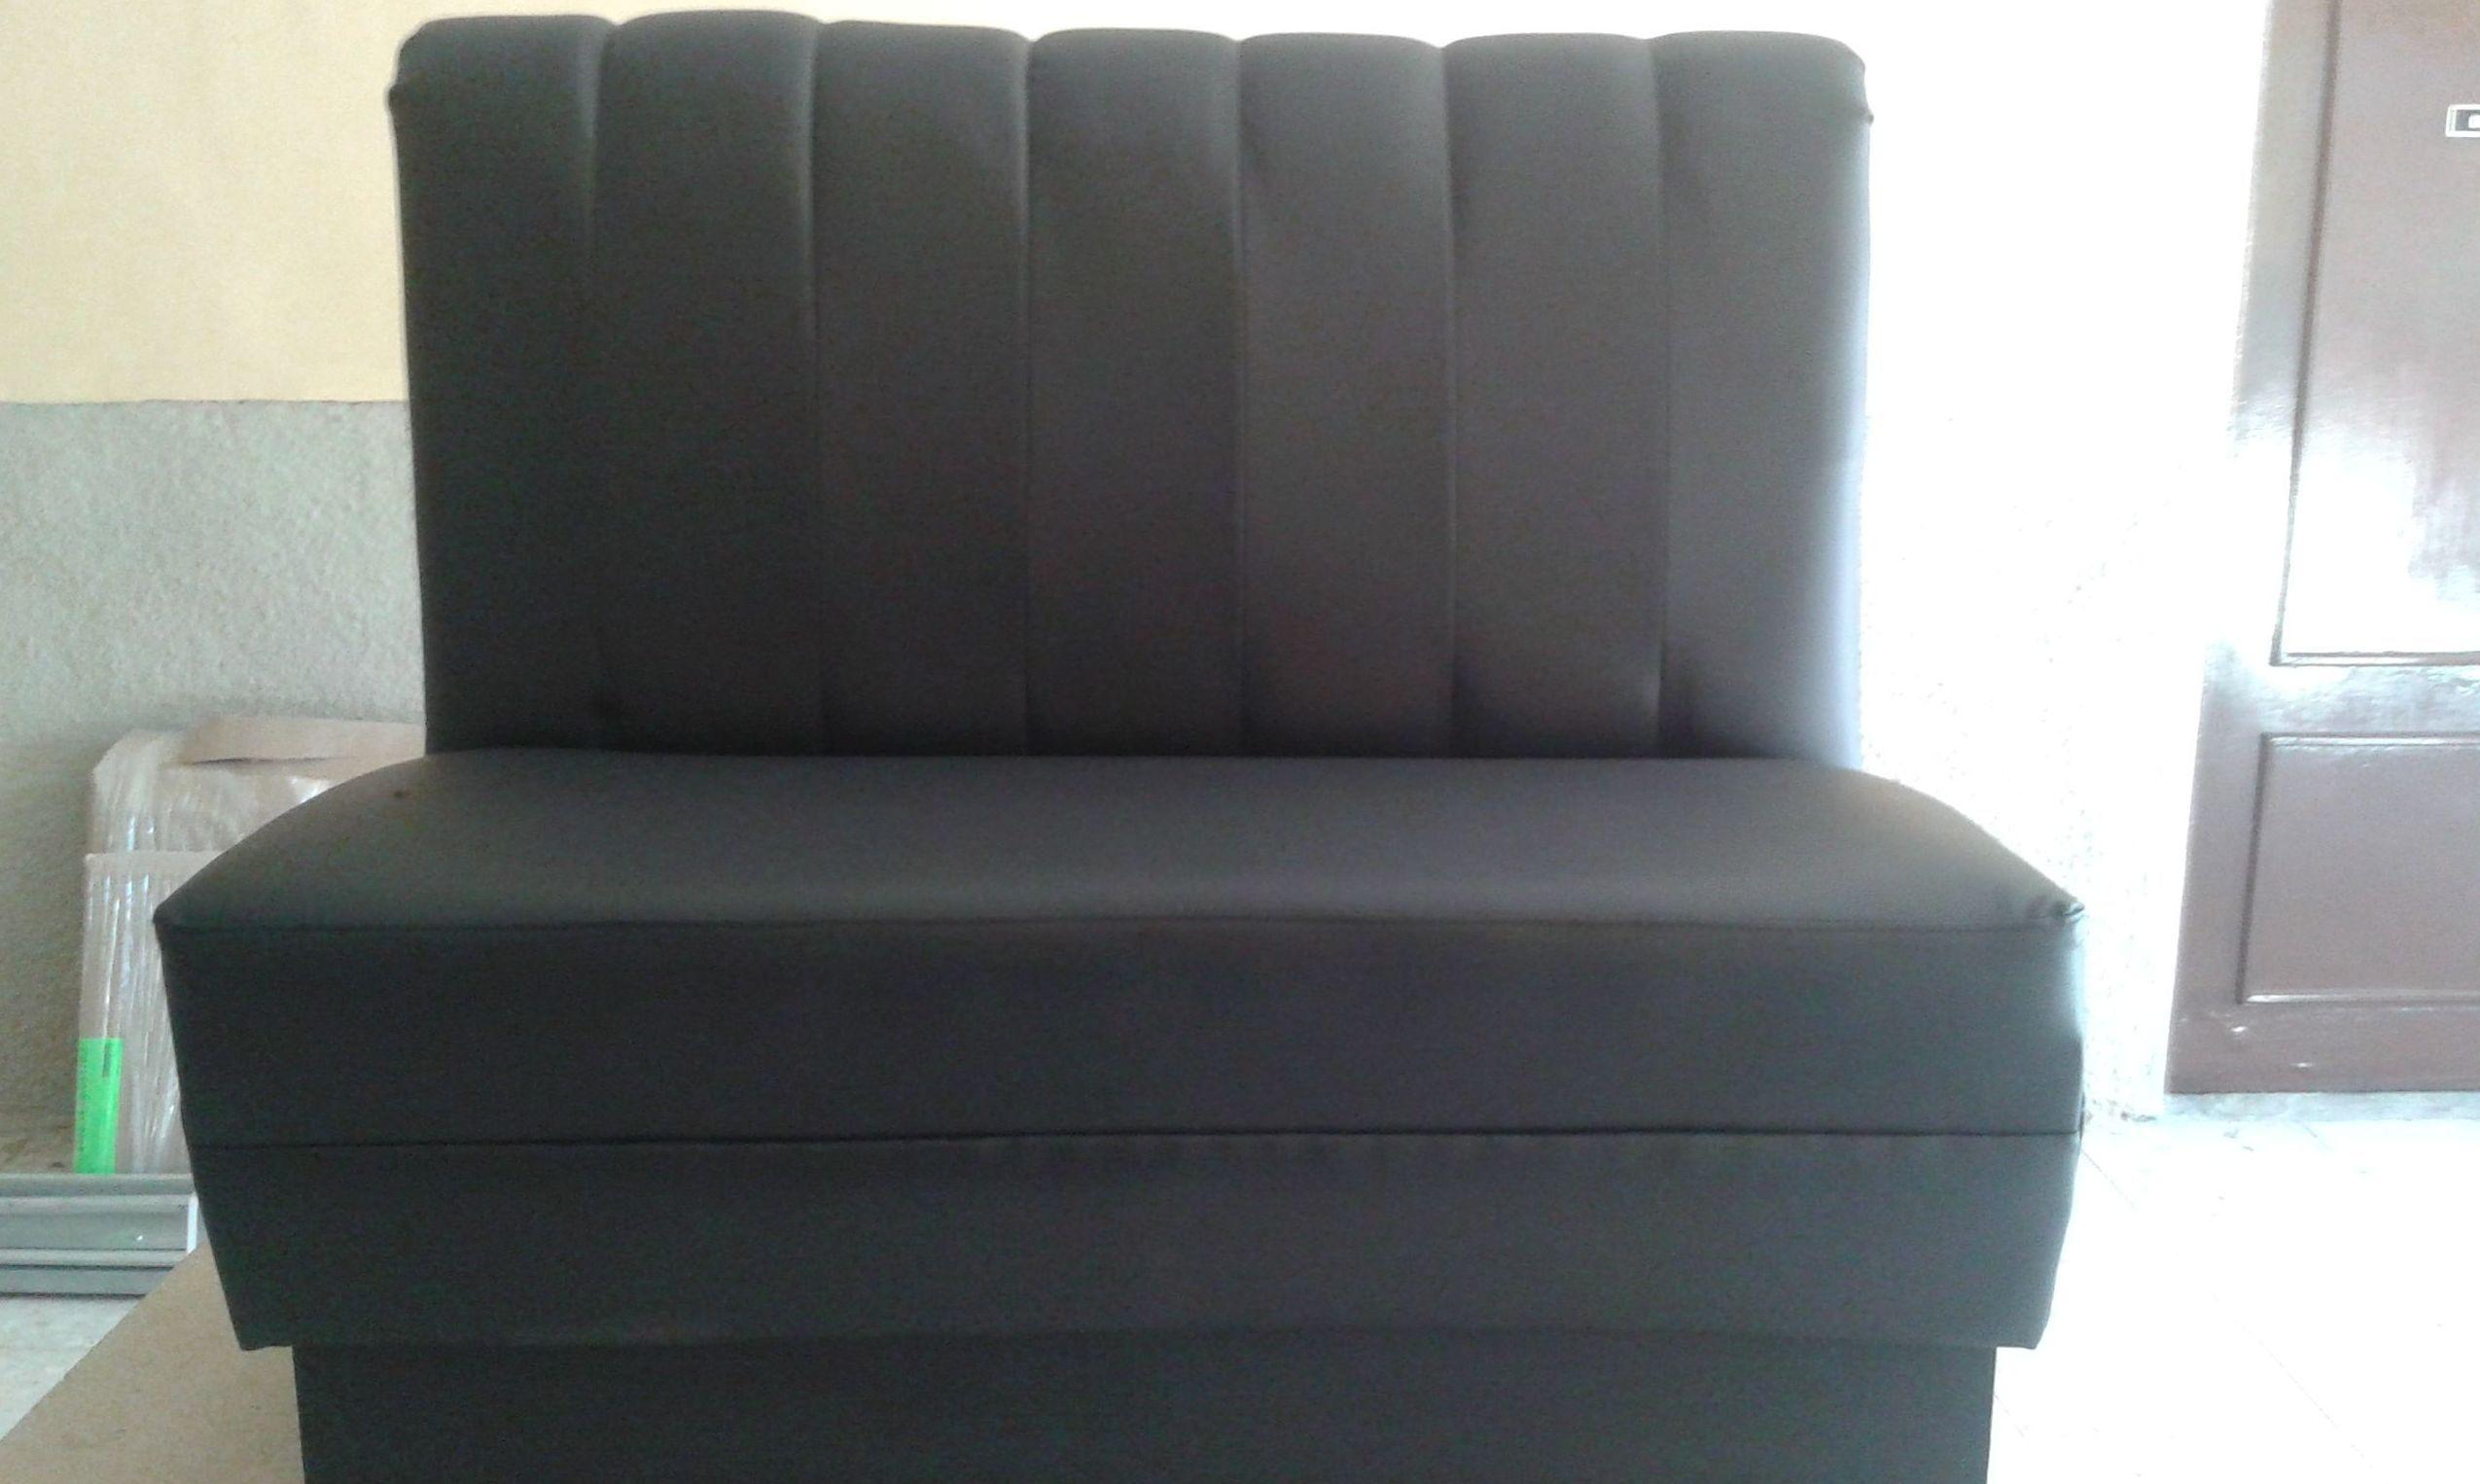 Precios de tapizados de sof s en toledo econ micos - Precios de tapizados de sillones ...